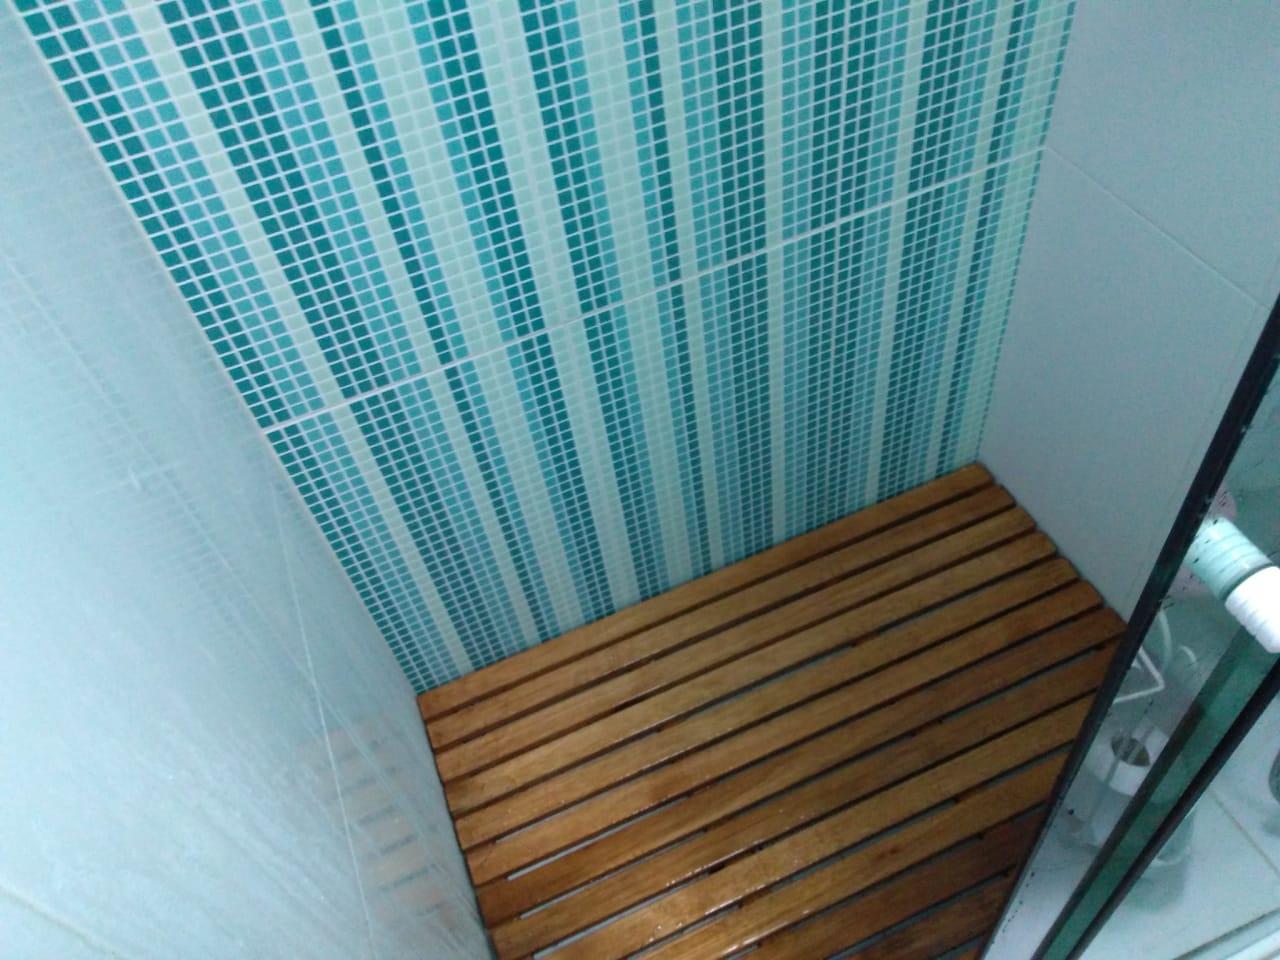 Deck De Madeira Chuveiro Box Banheiro Capacho 135x110cm Lixado Neonx